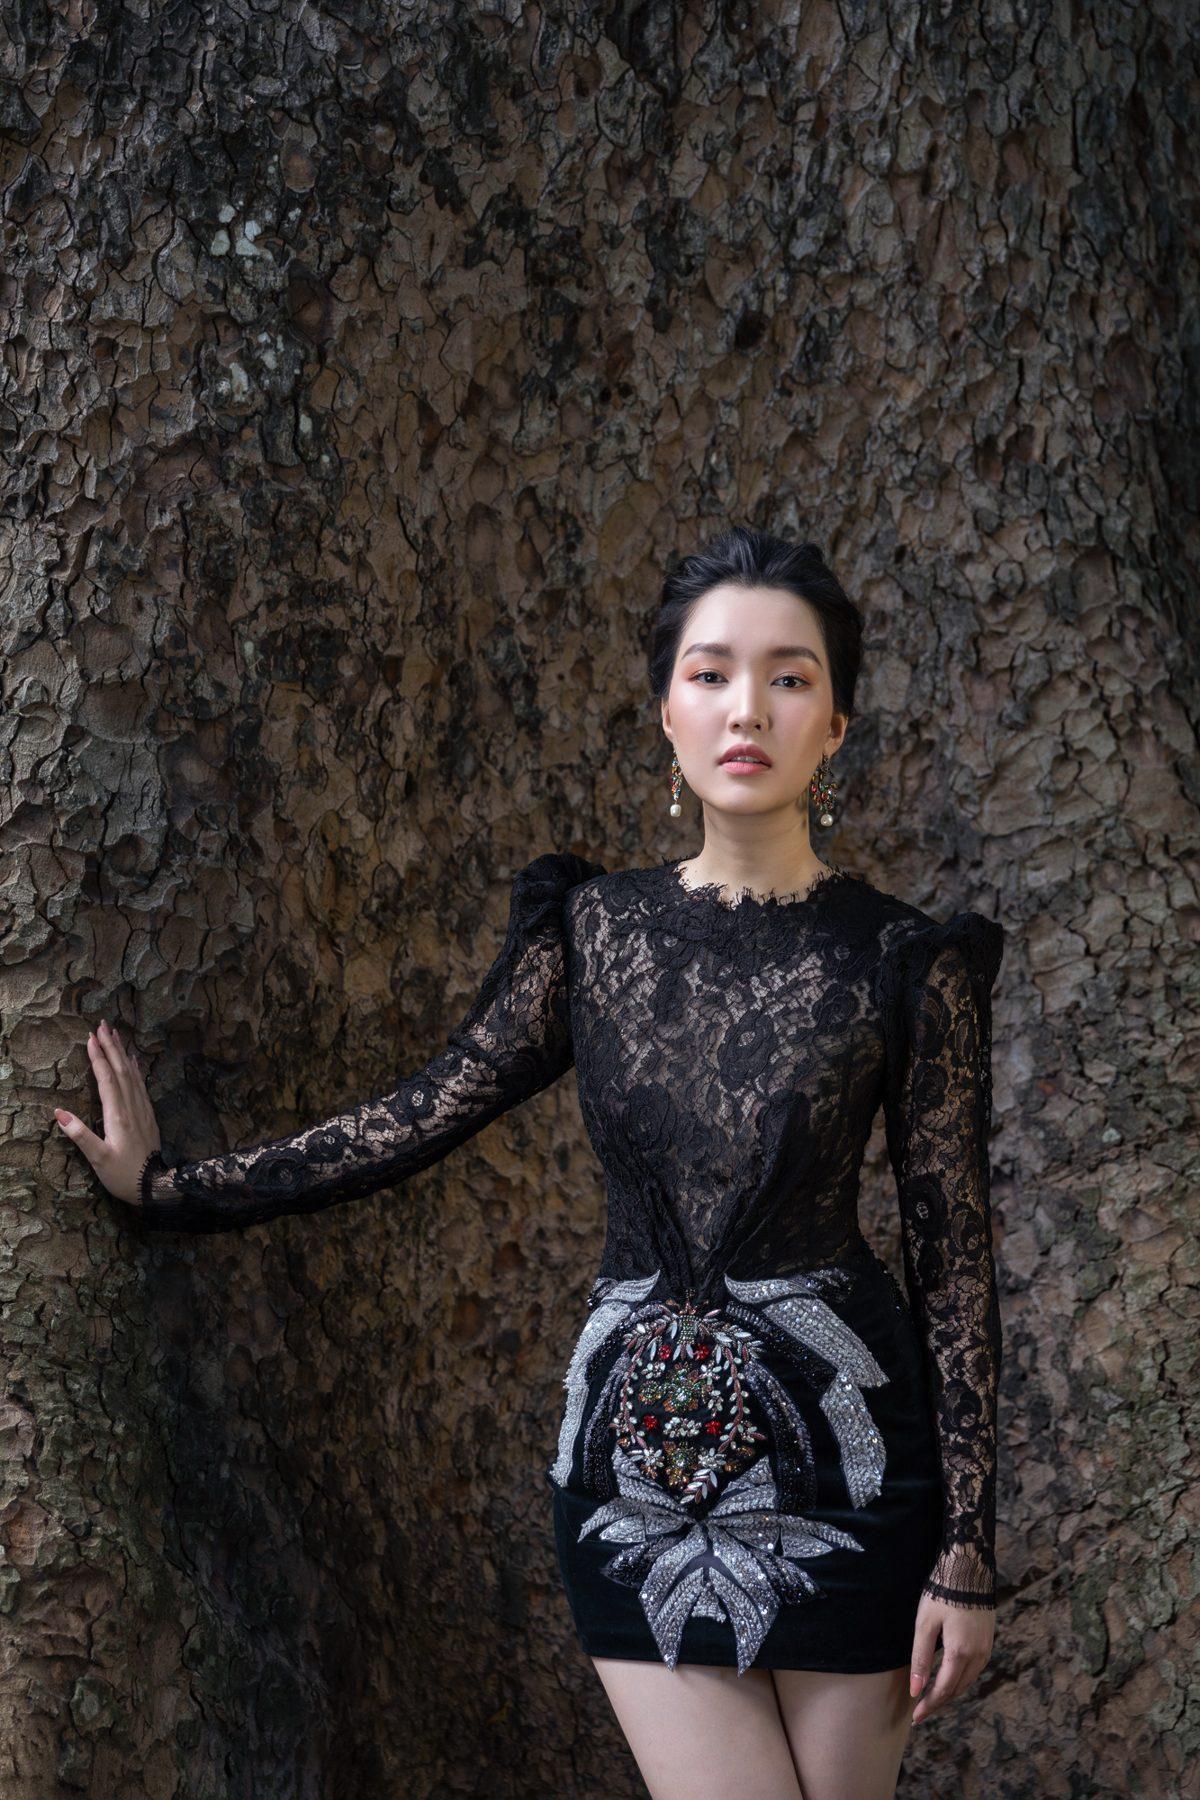 'Nàng thơ xứ Huế' Ngọc Trân cuốn hút với nét mơ màng trong loạt váy áo e ấp Ảnh 24